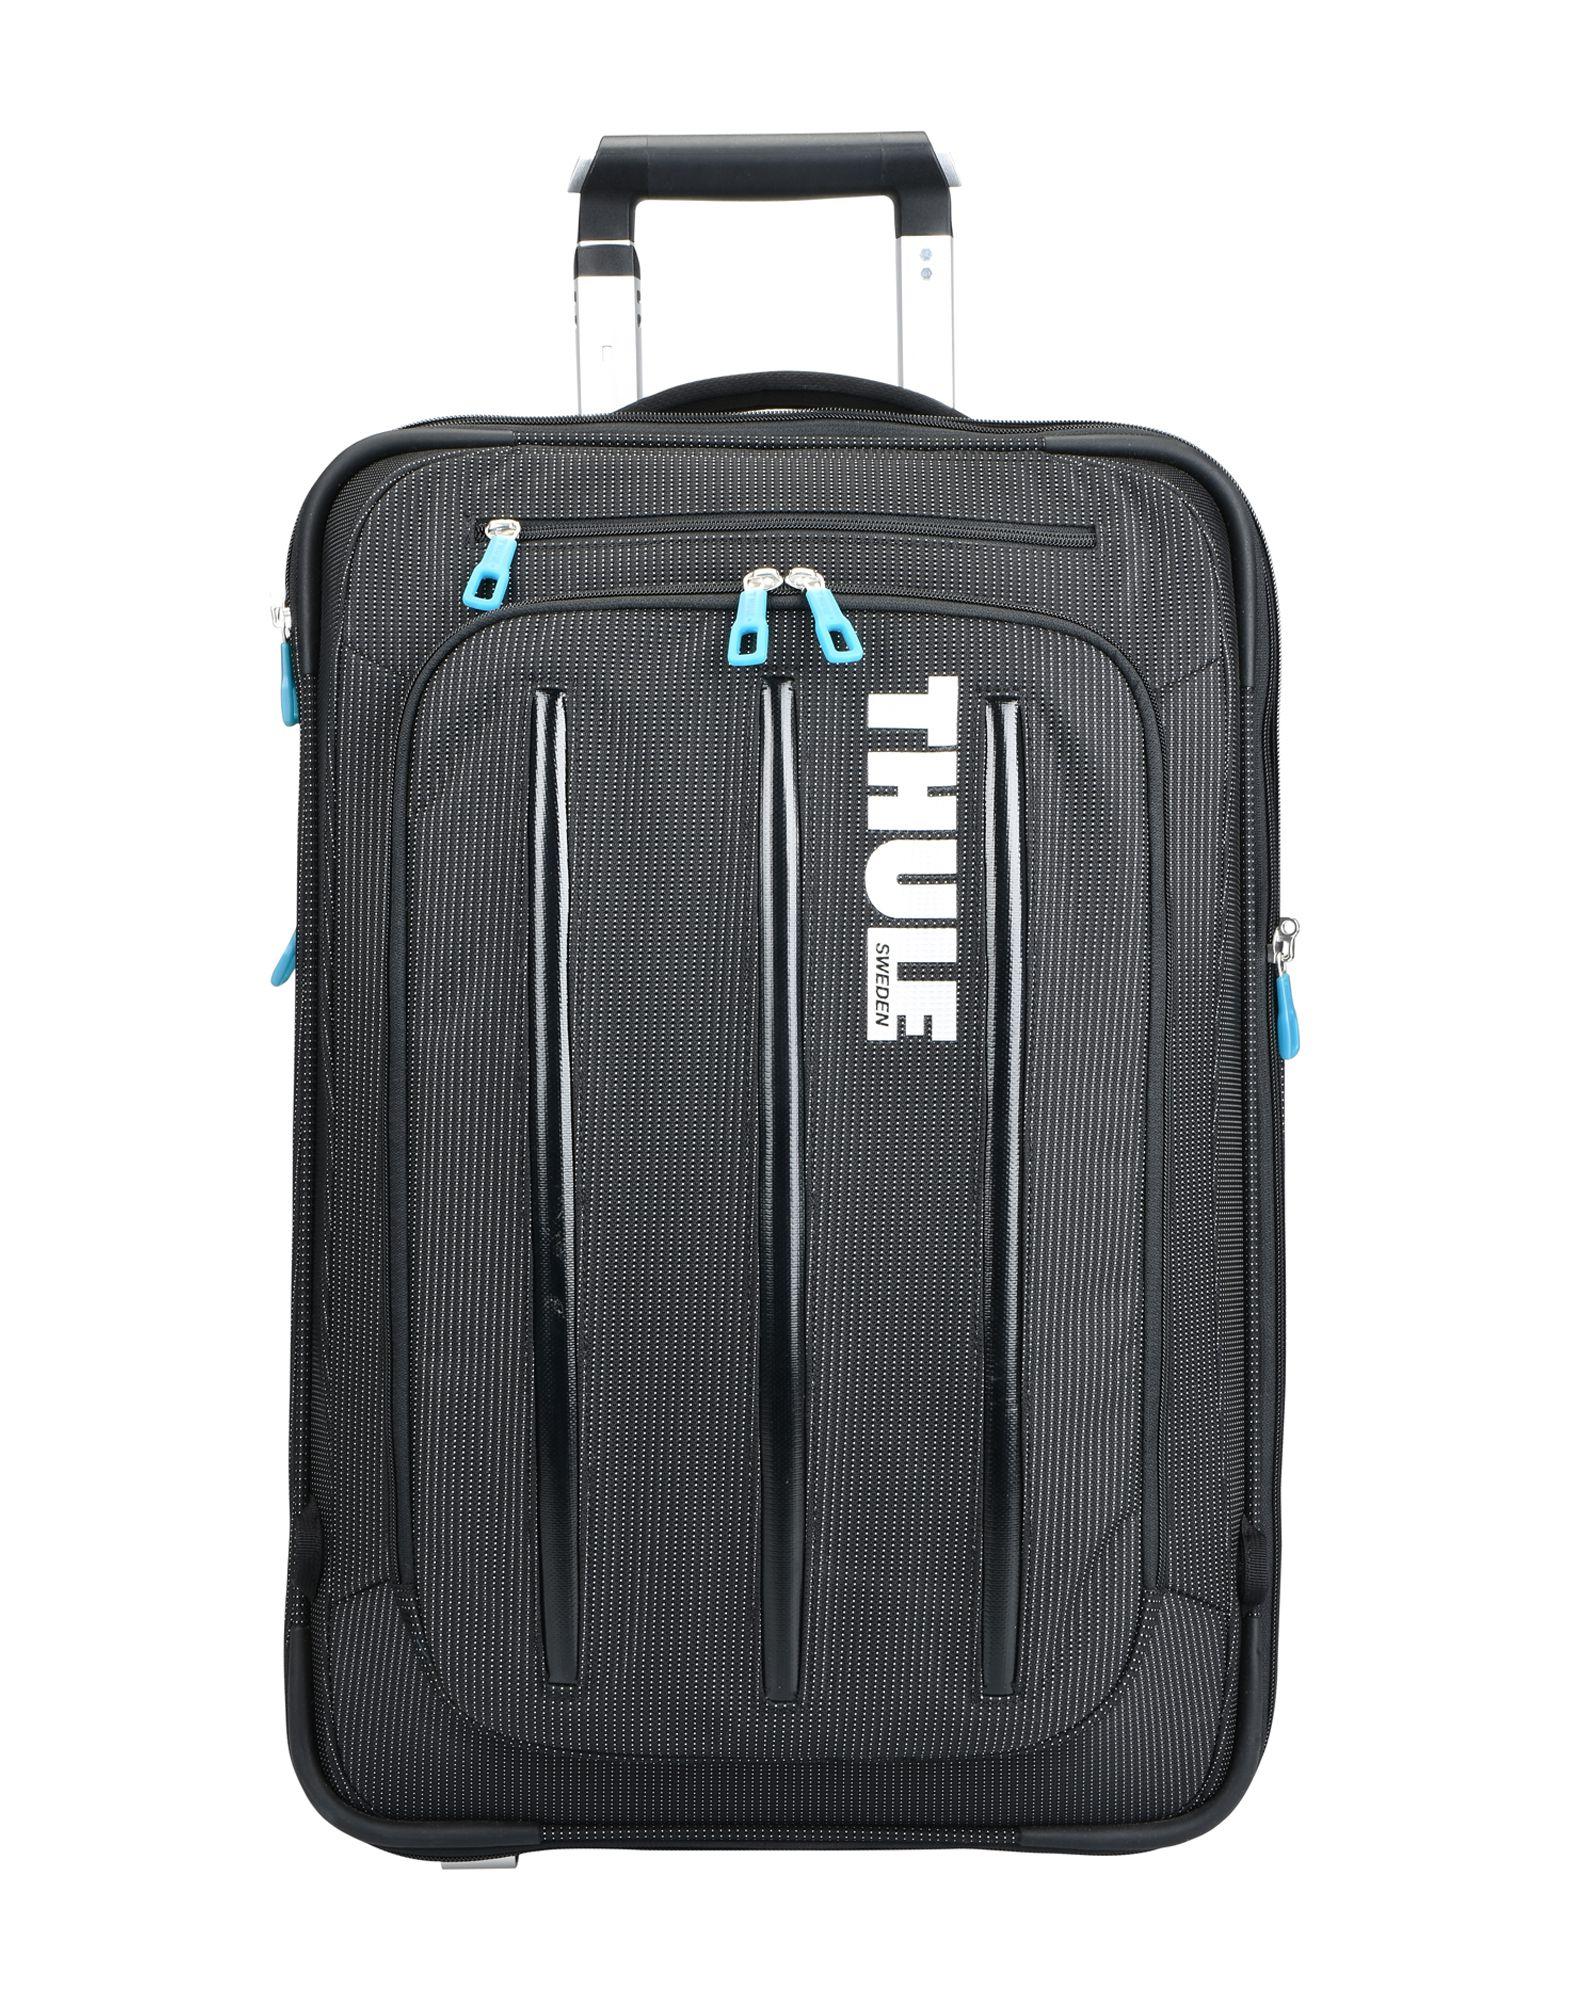 THULE® Чемодан/сумка на колесиках kipling чемодан сумка на колесиках